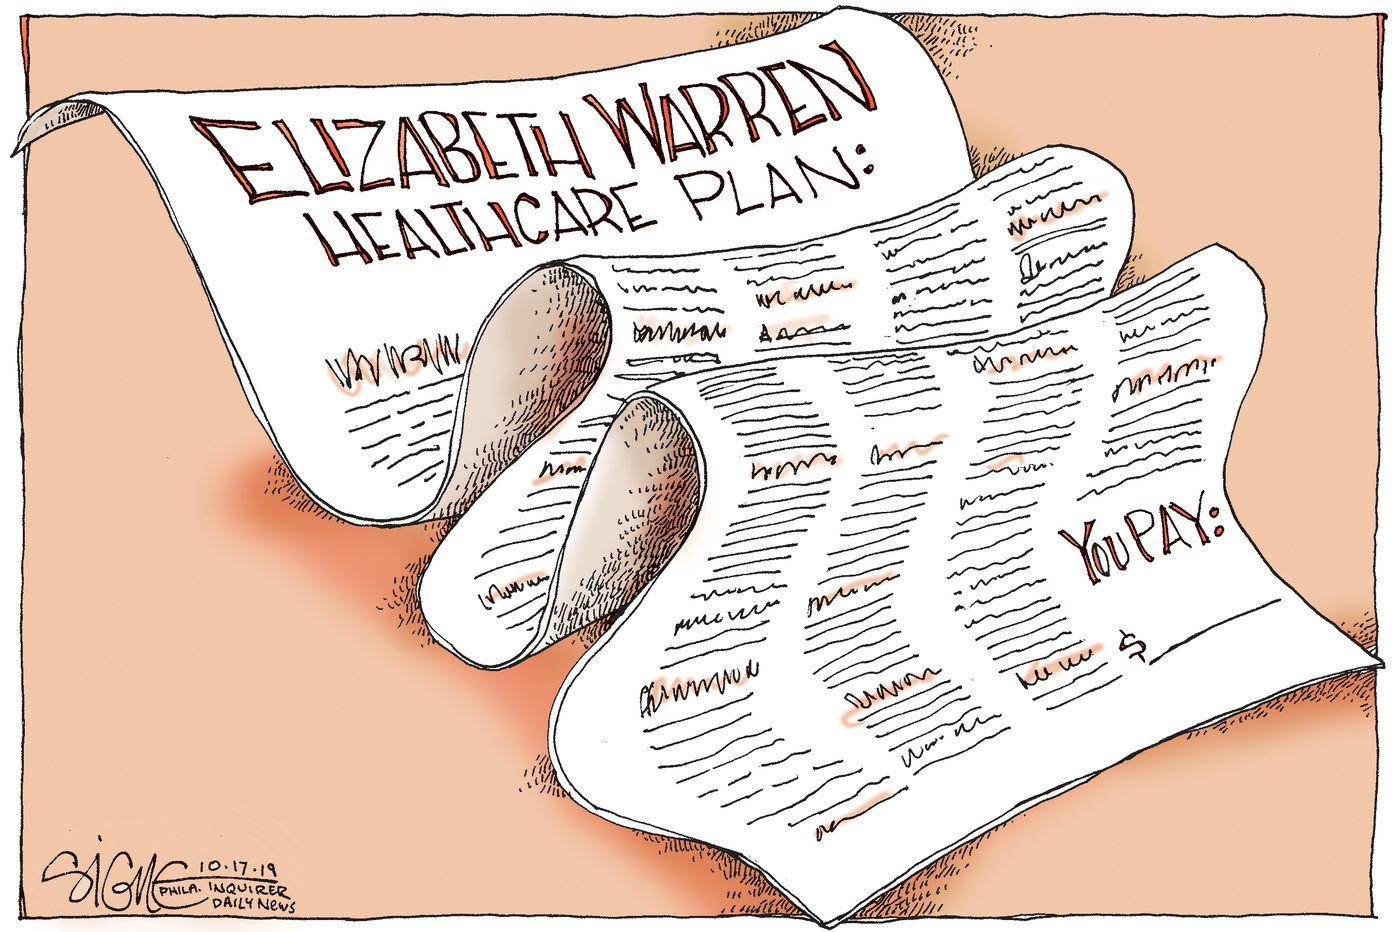 Political Cartoon: Elizabeth Warren's healthcare plan costs